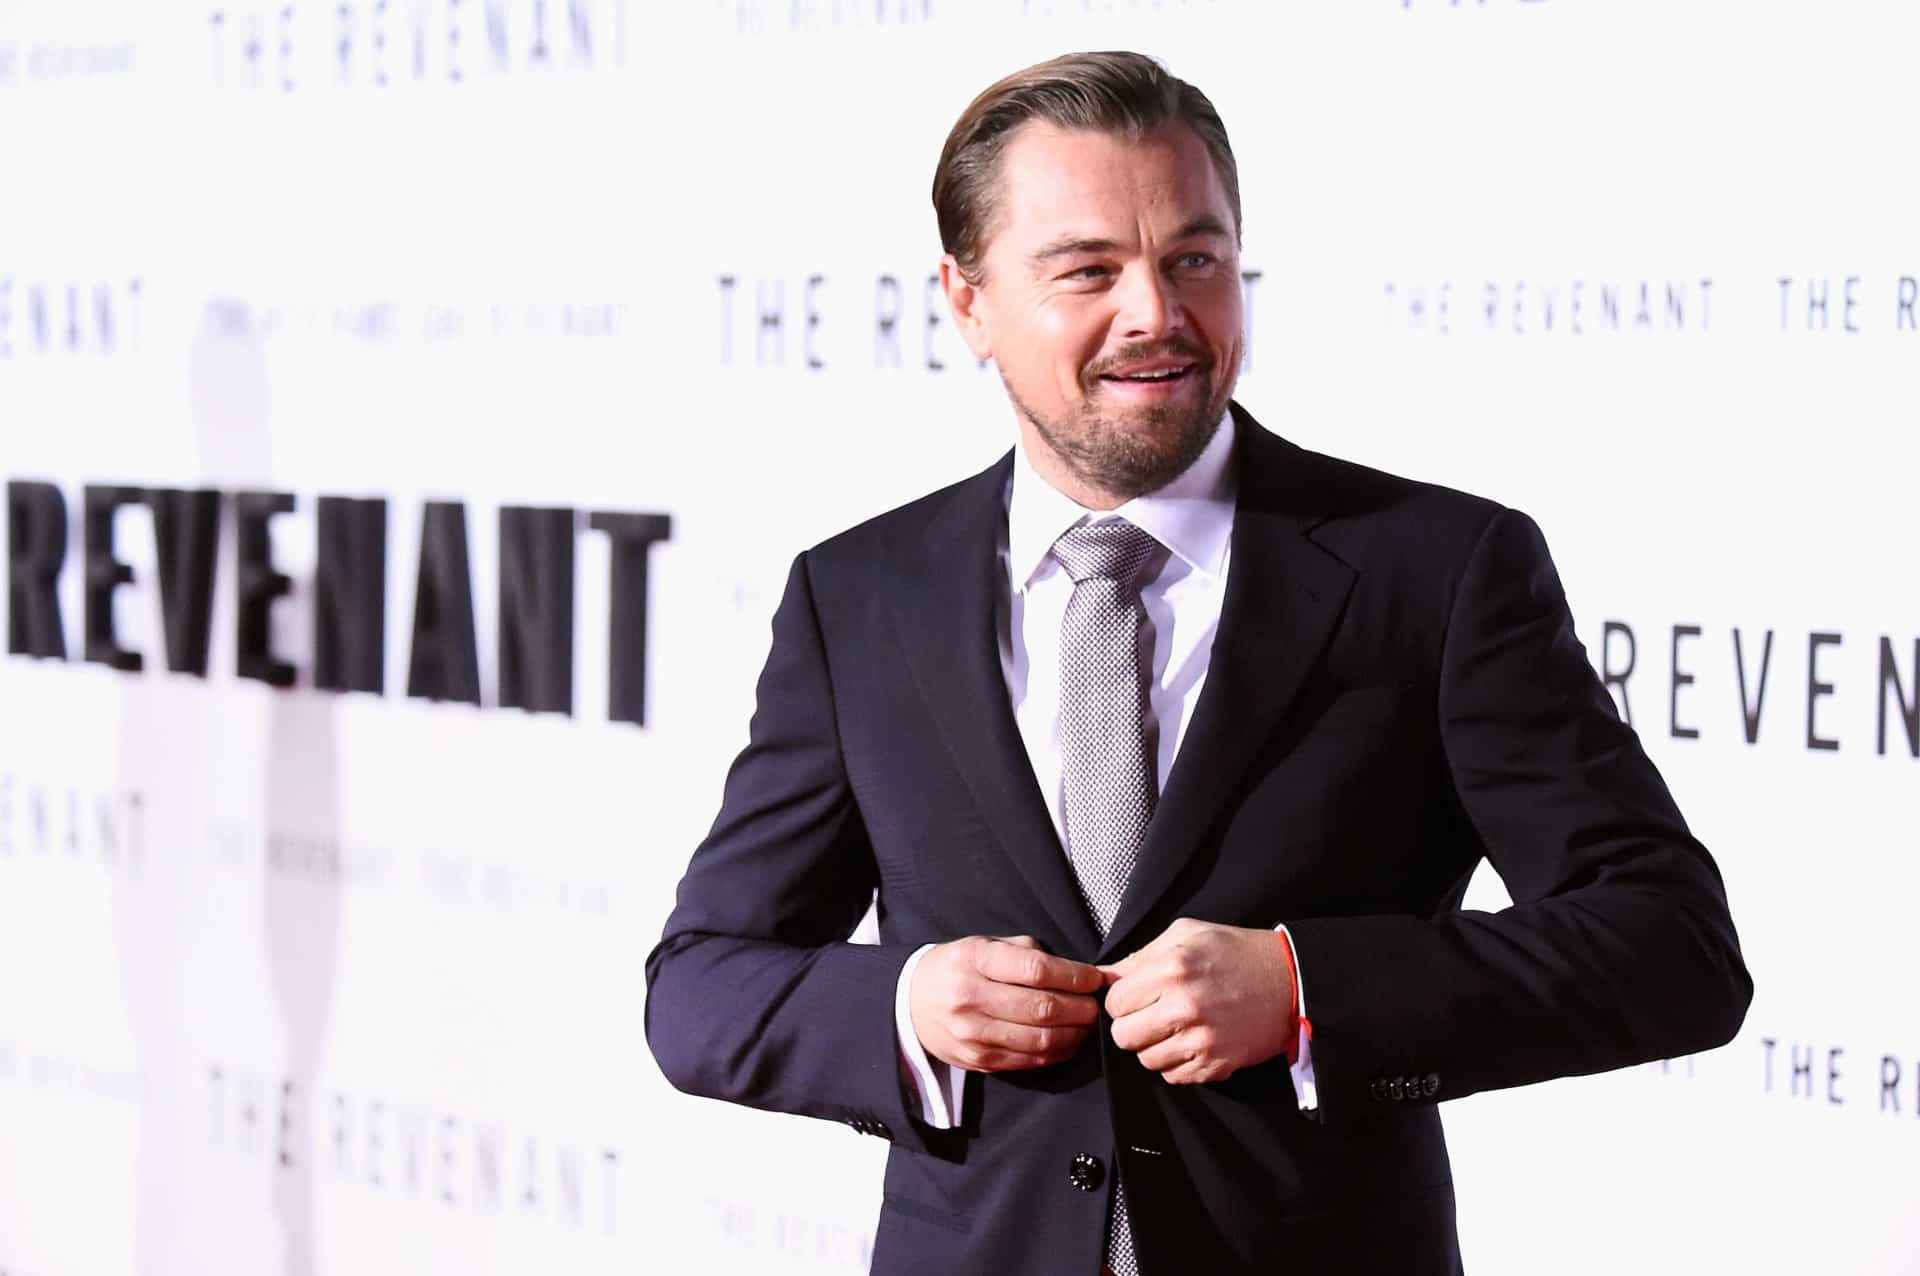 DiCaprio recordista: Ator já namorou com dez modelos da Victoria's Secret